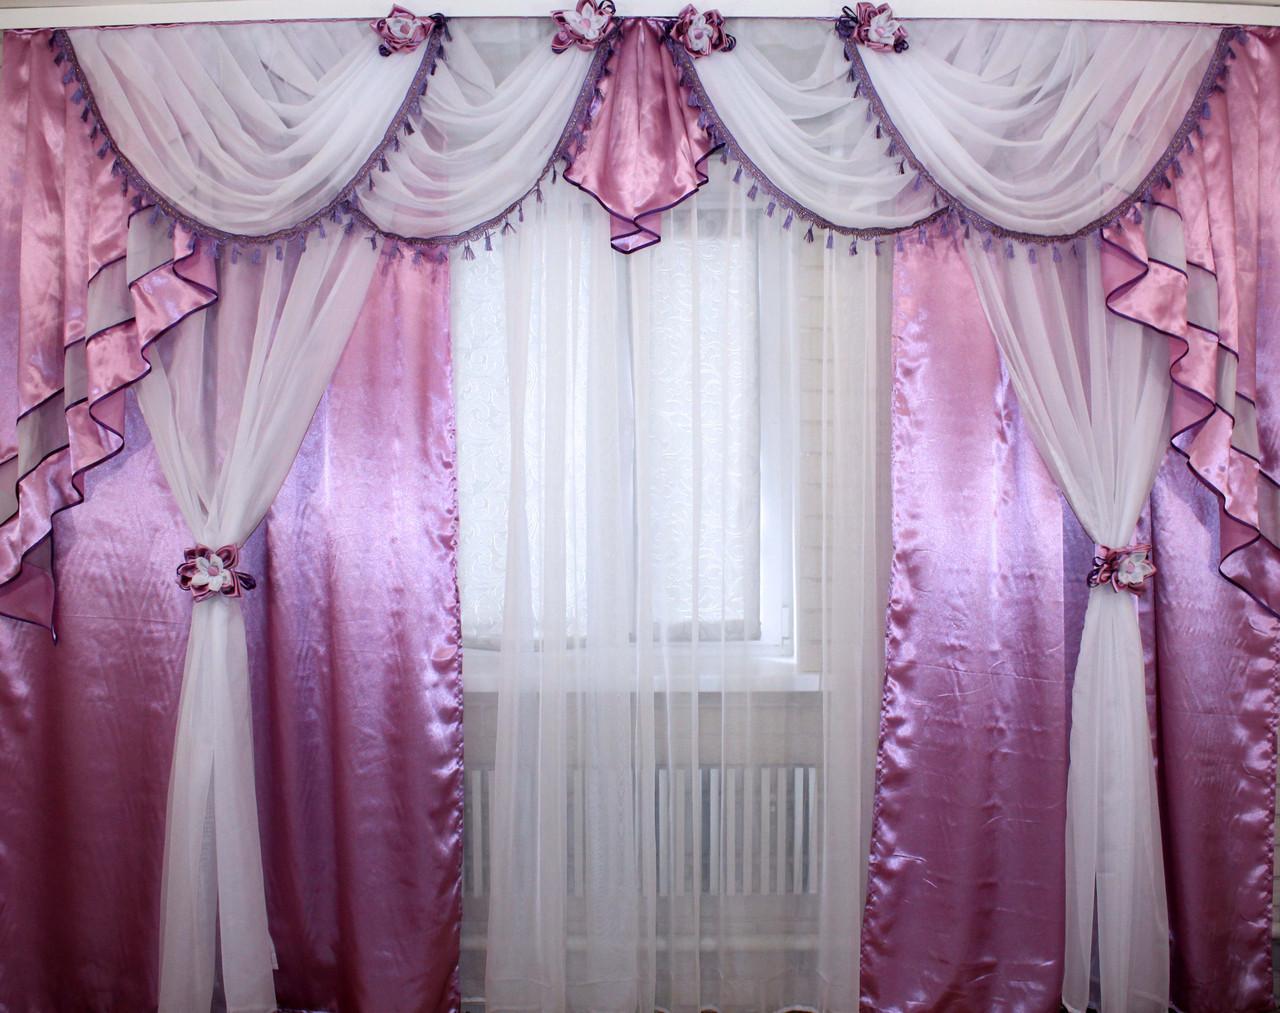 Ламбрекен №42 + двойные шторы, комплект.  Цвет сиреневый